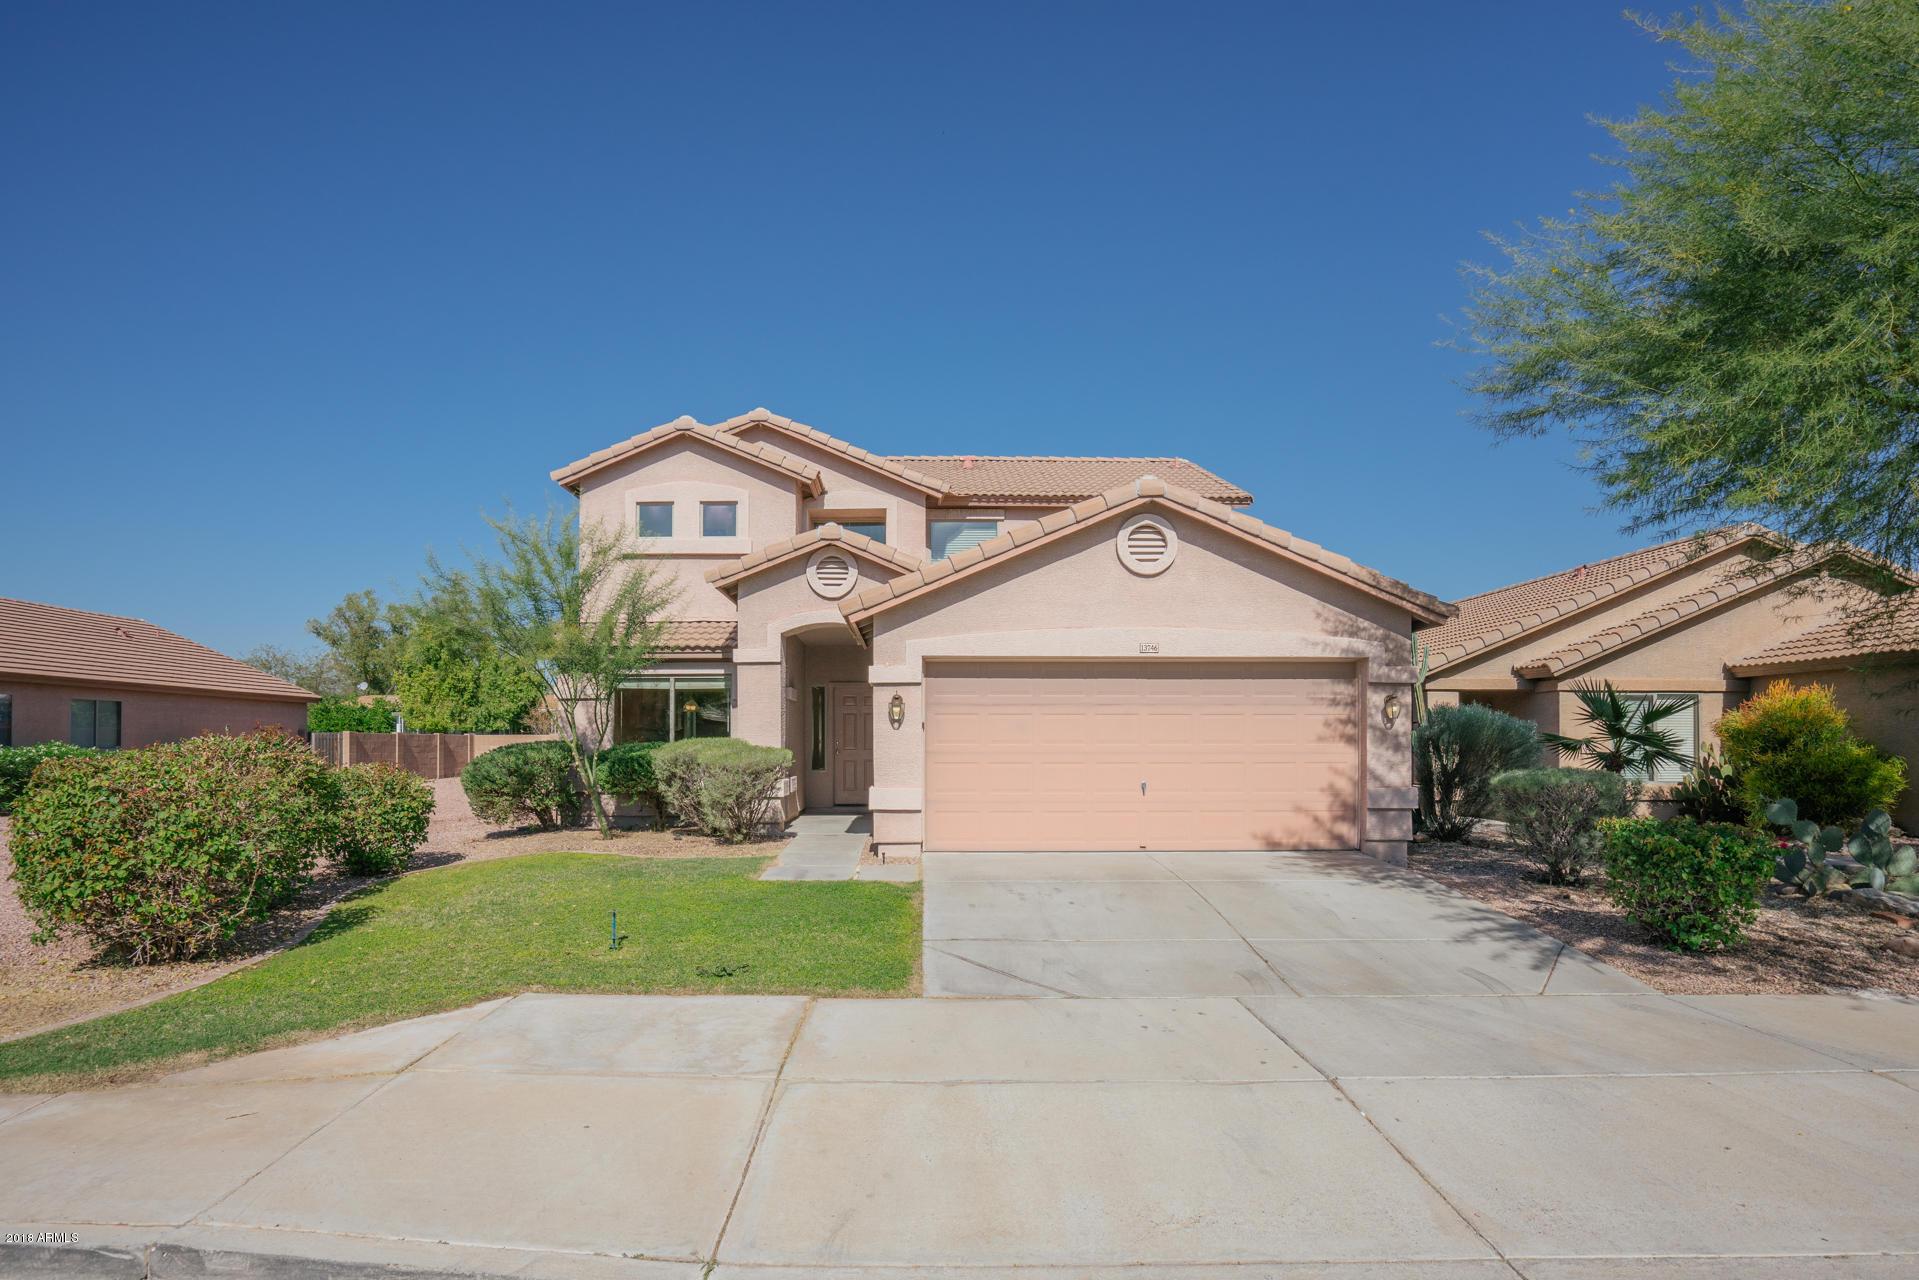 Photo of 13746 W PECK Drive, Litchfield Park, AZ 85340